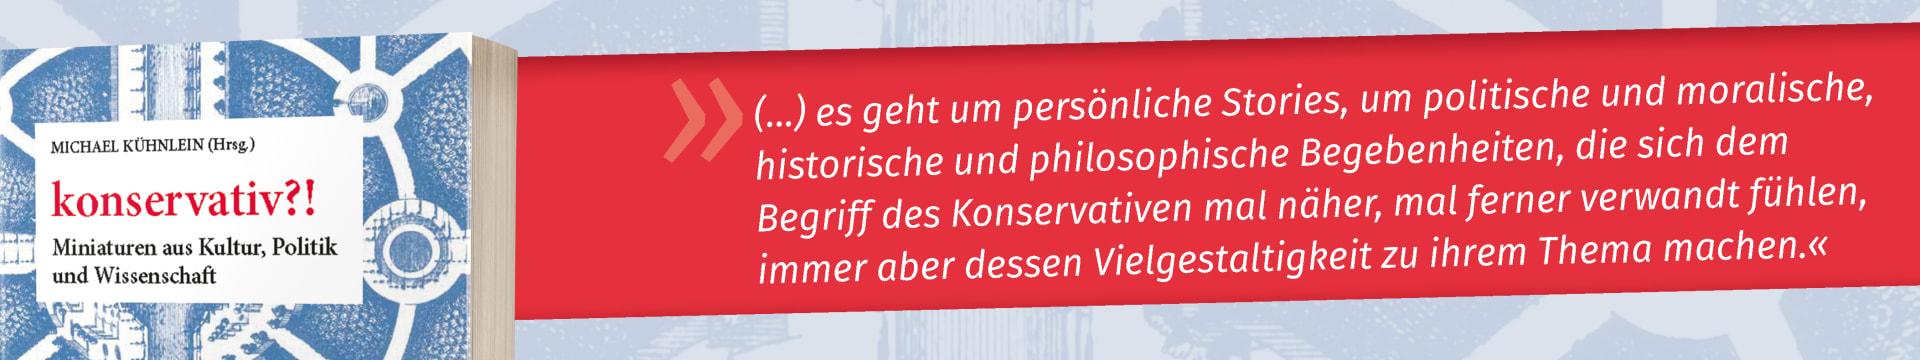 konservativ?! Miniaturen aus Kultur, Politik und Wissenschaft